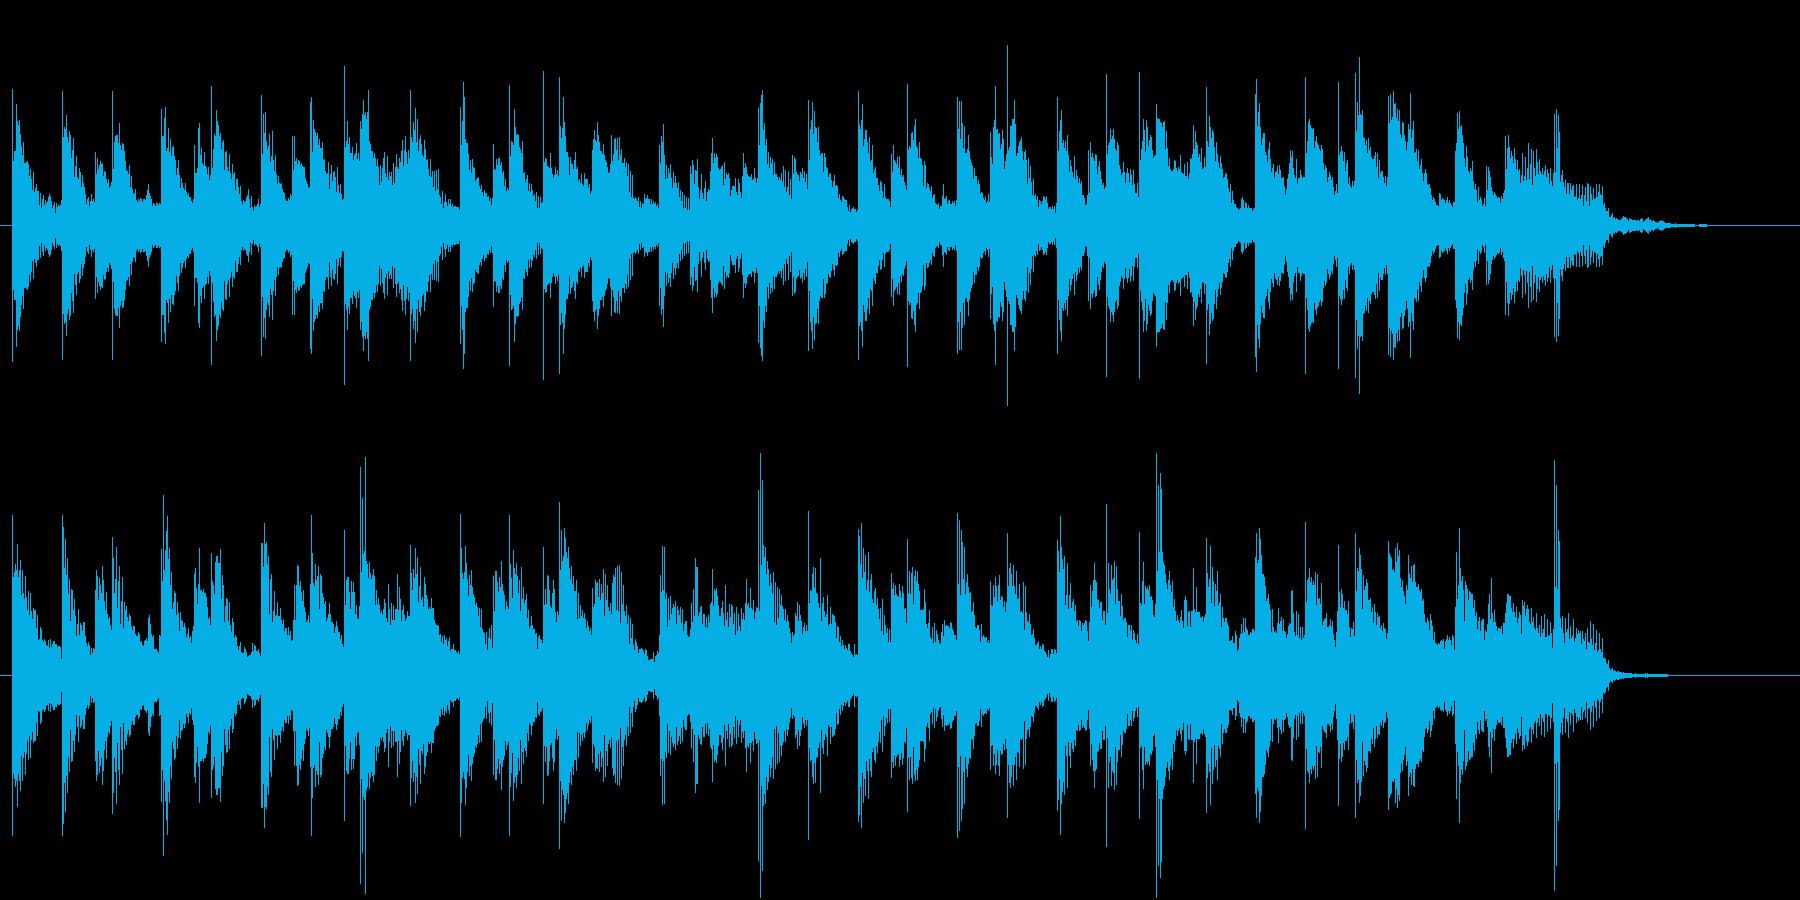 ハッピーで穏やかなアコースティックBGMの再生済みの波形